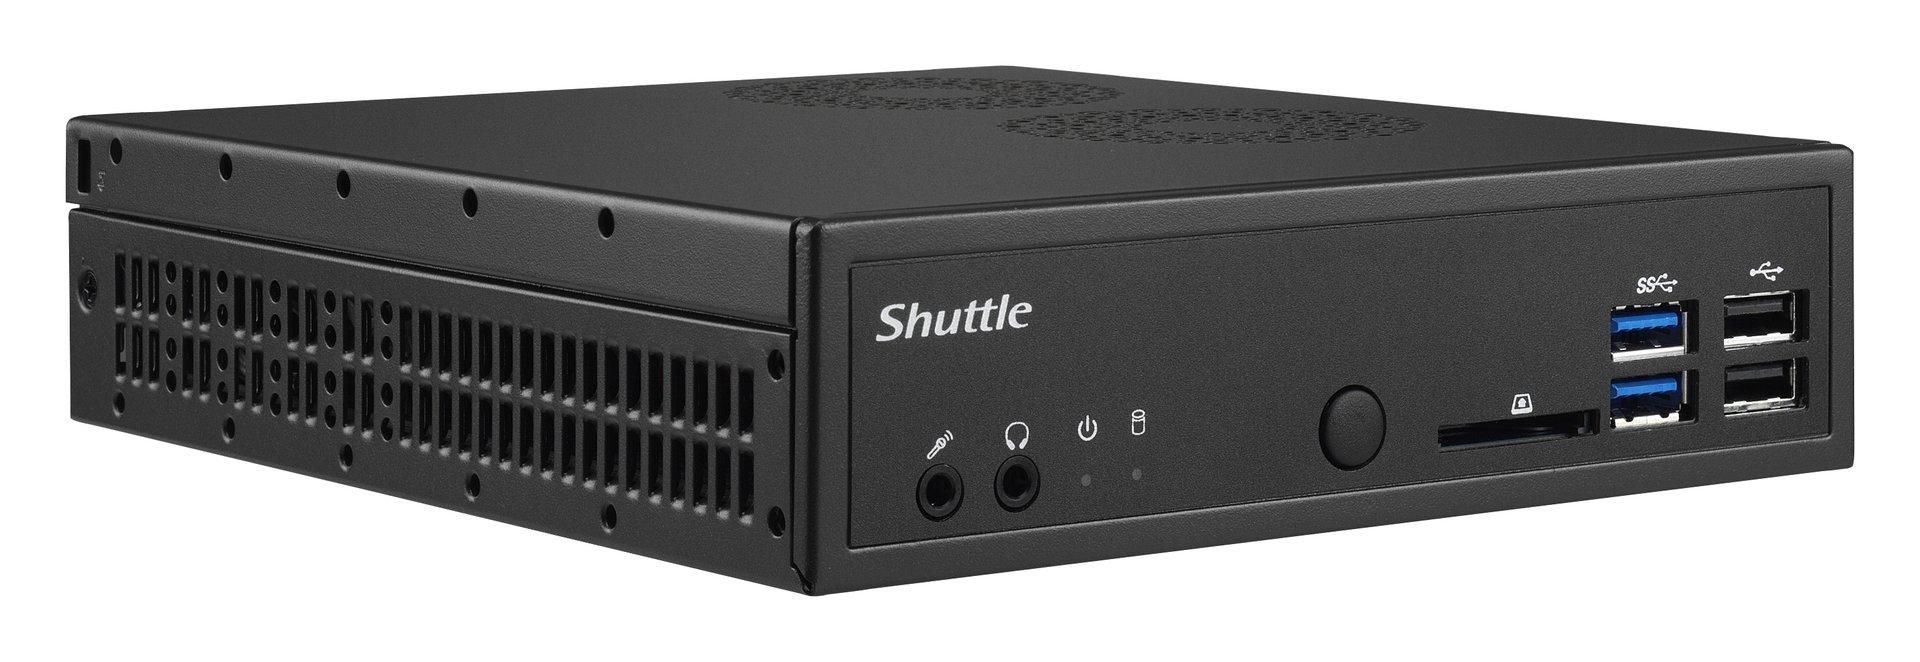 Shuttle XPC slim DH110